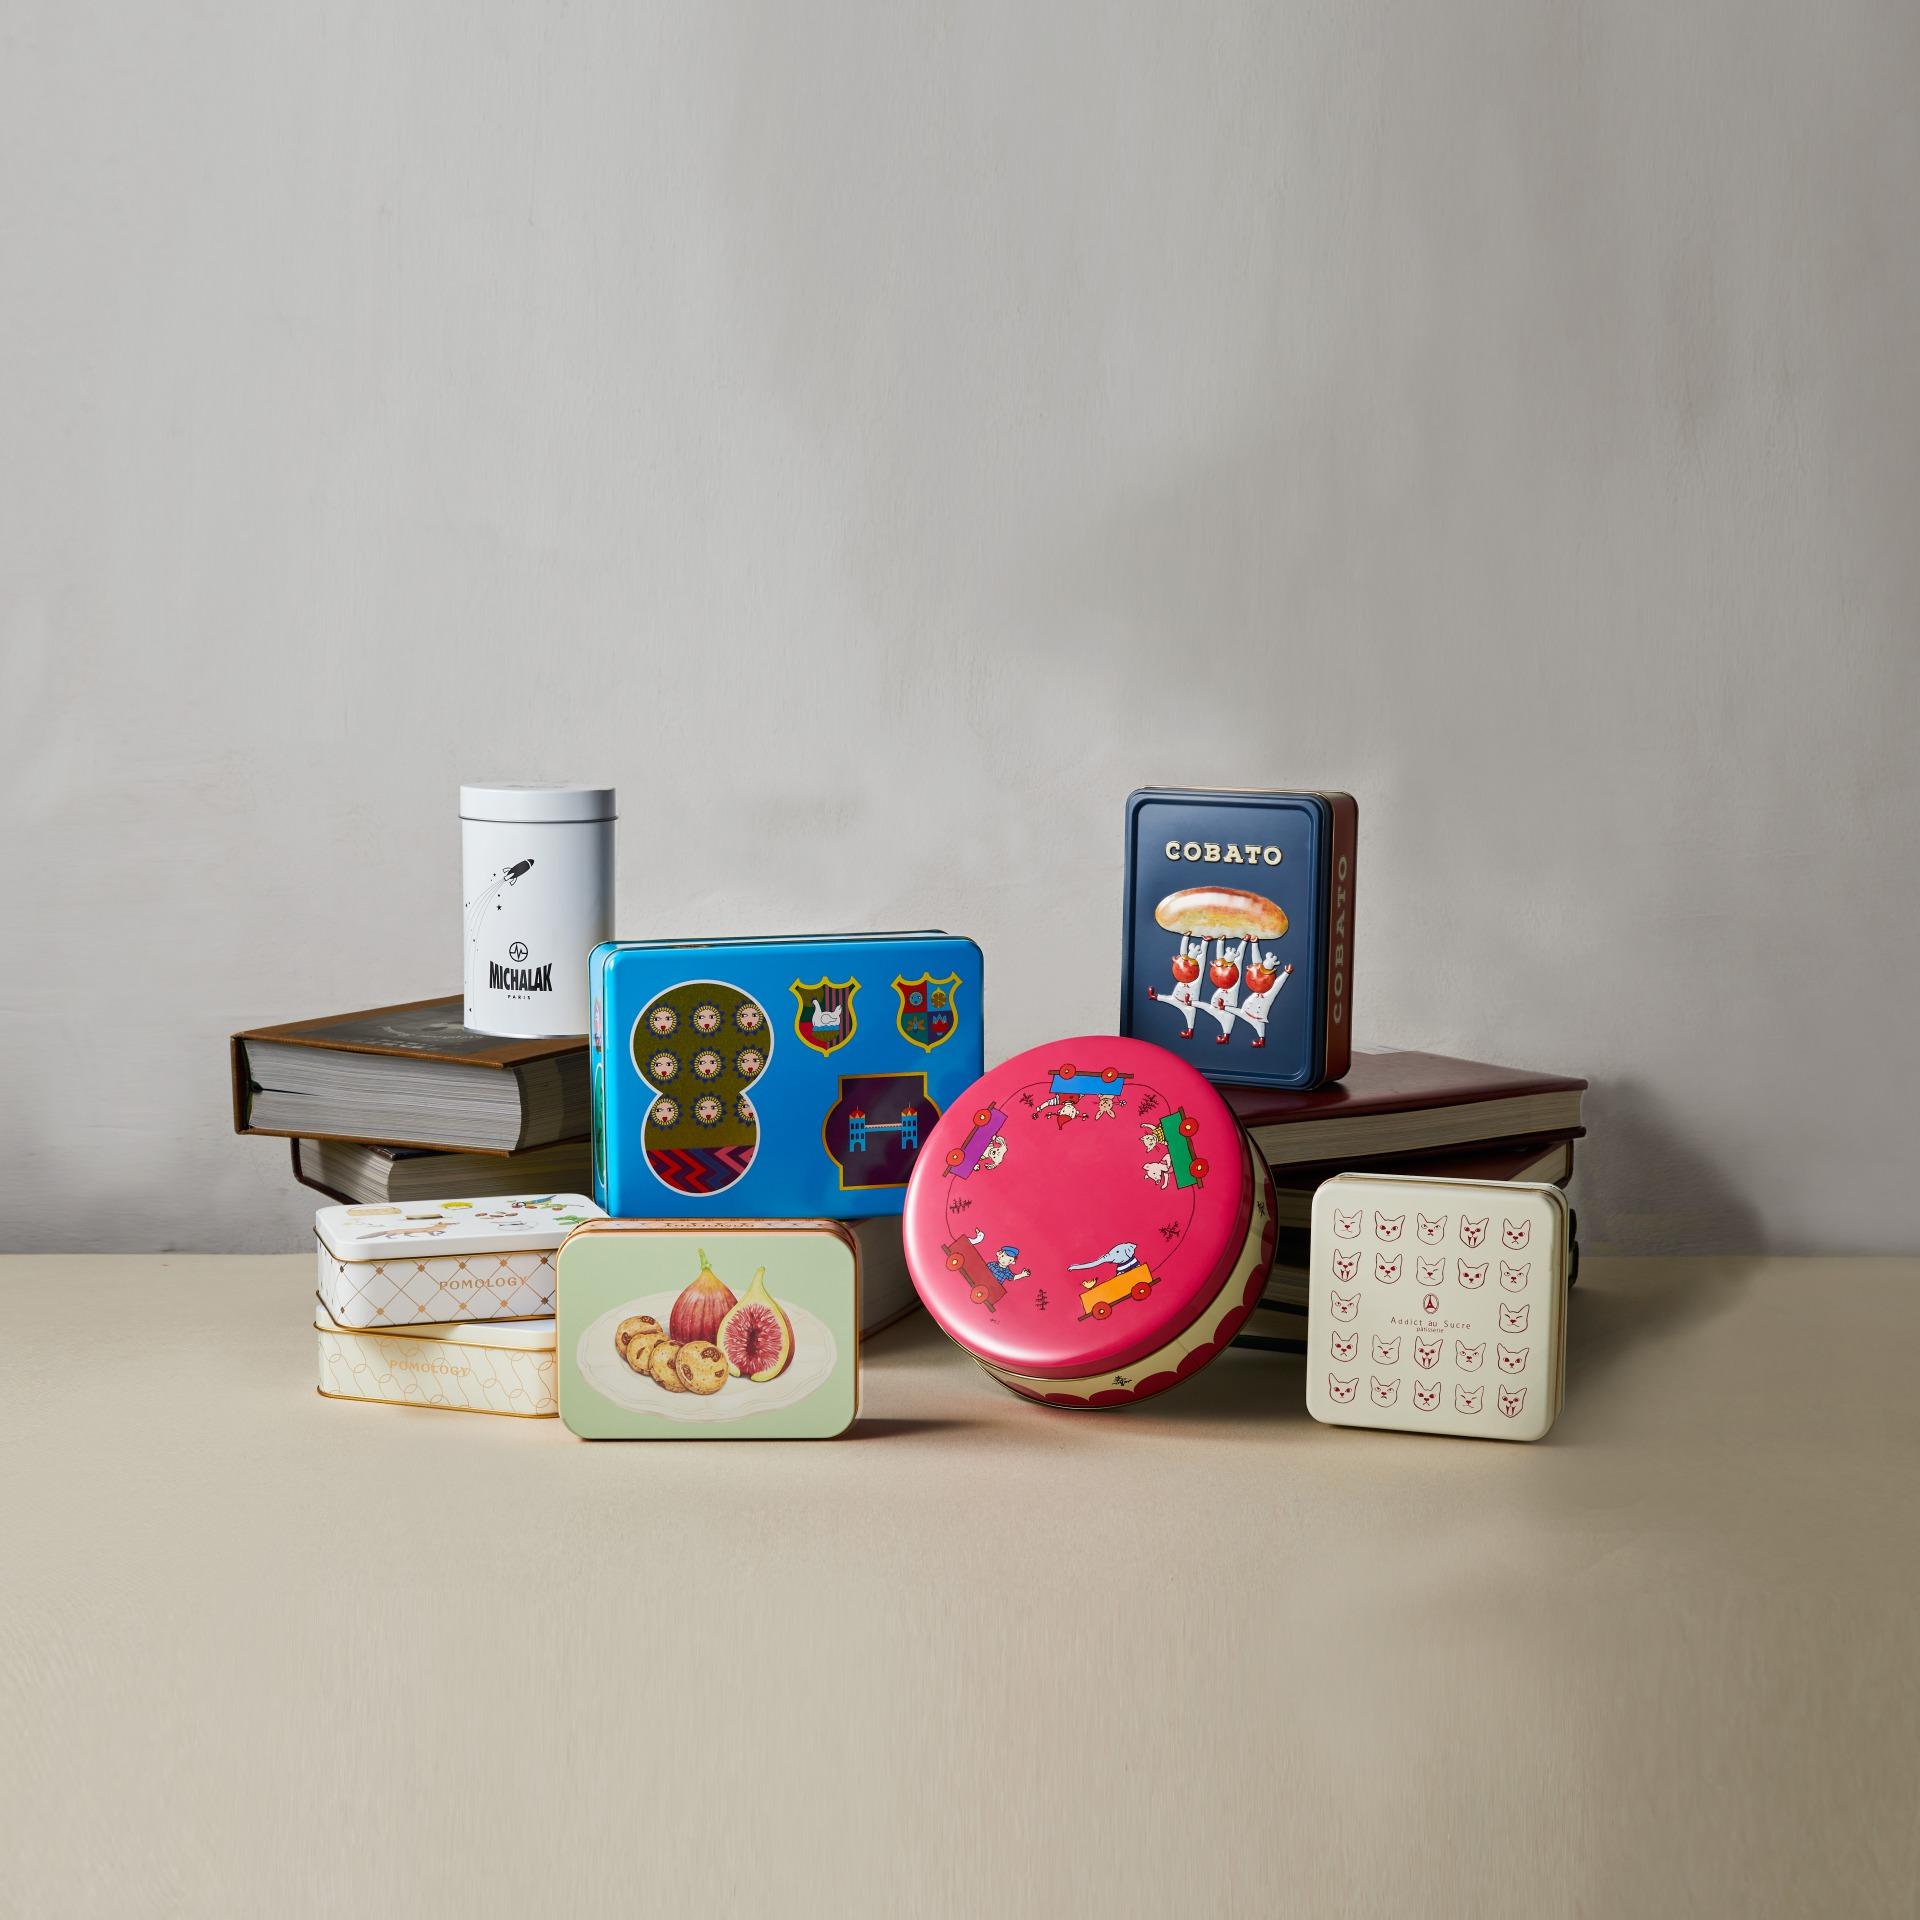 食べ終わったら何入れる? 宝物入れにしたくなる缶ボックスお菓子たち